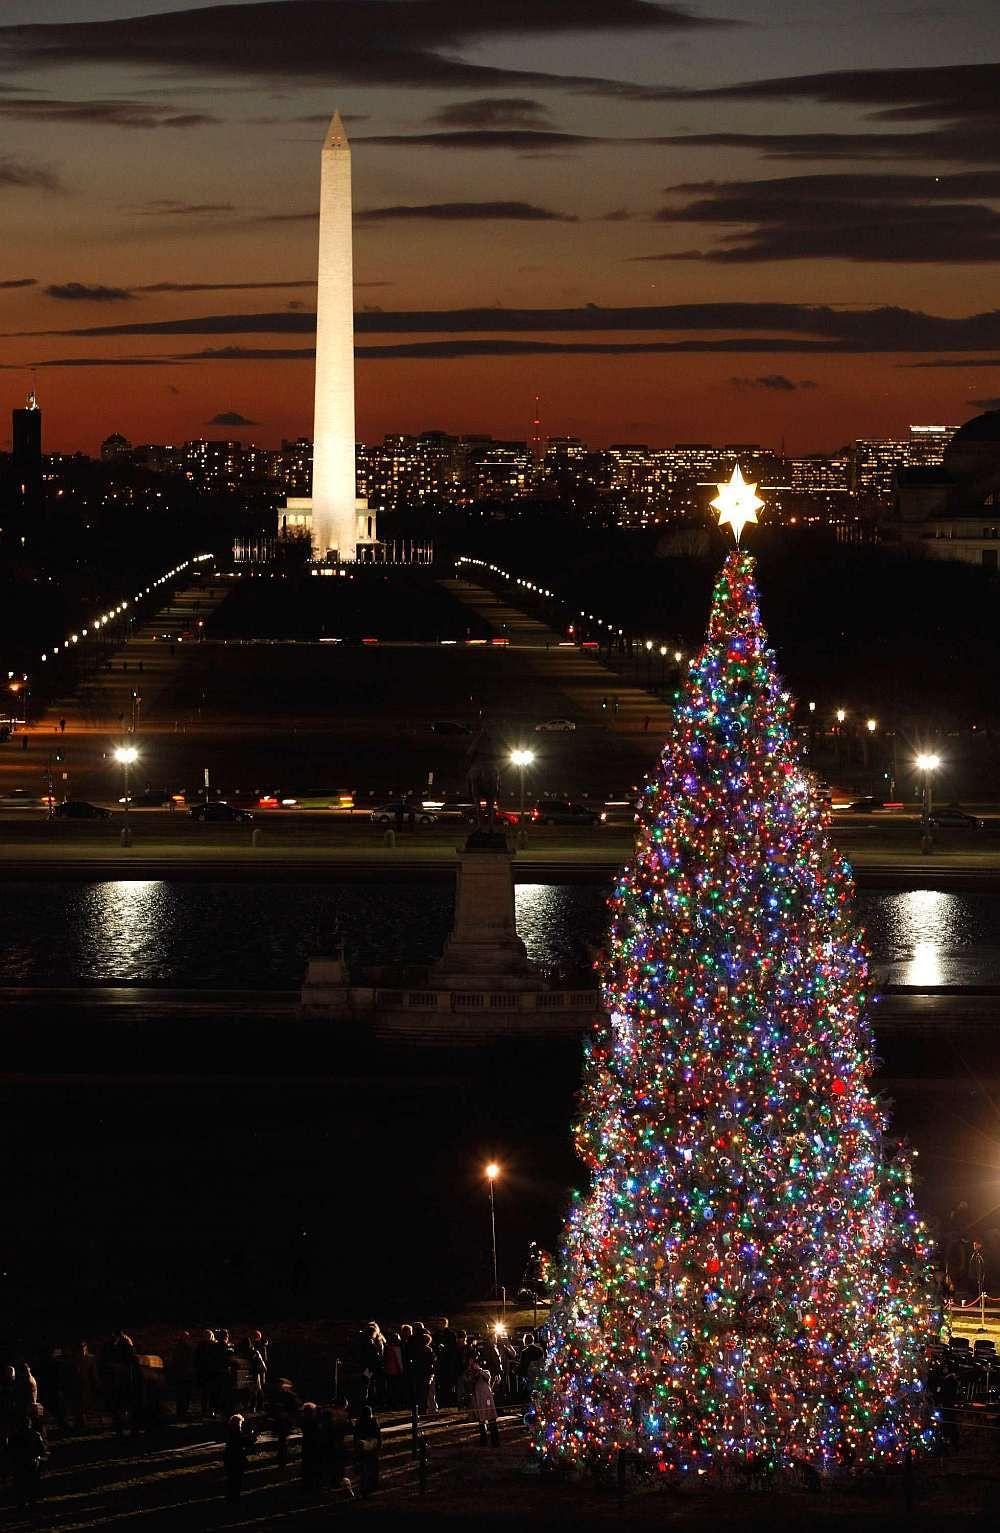 Albero Di Natale Washington Deluxe.Le Migliori 300 Immagini Su Washington Dc Nel 2020 Viaggi Viaggio In Nord America Idee Per L Albero Di Natale